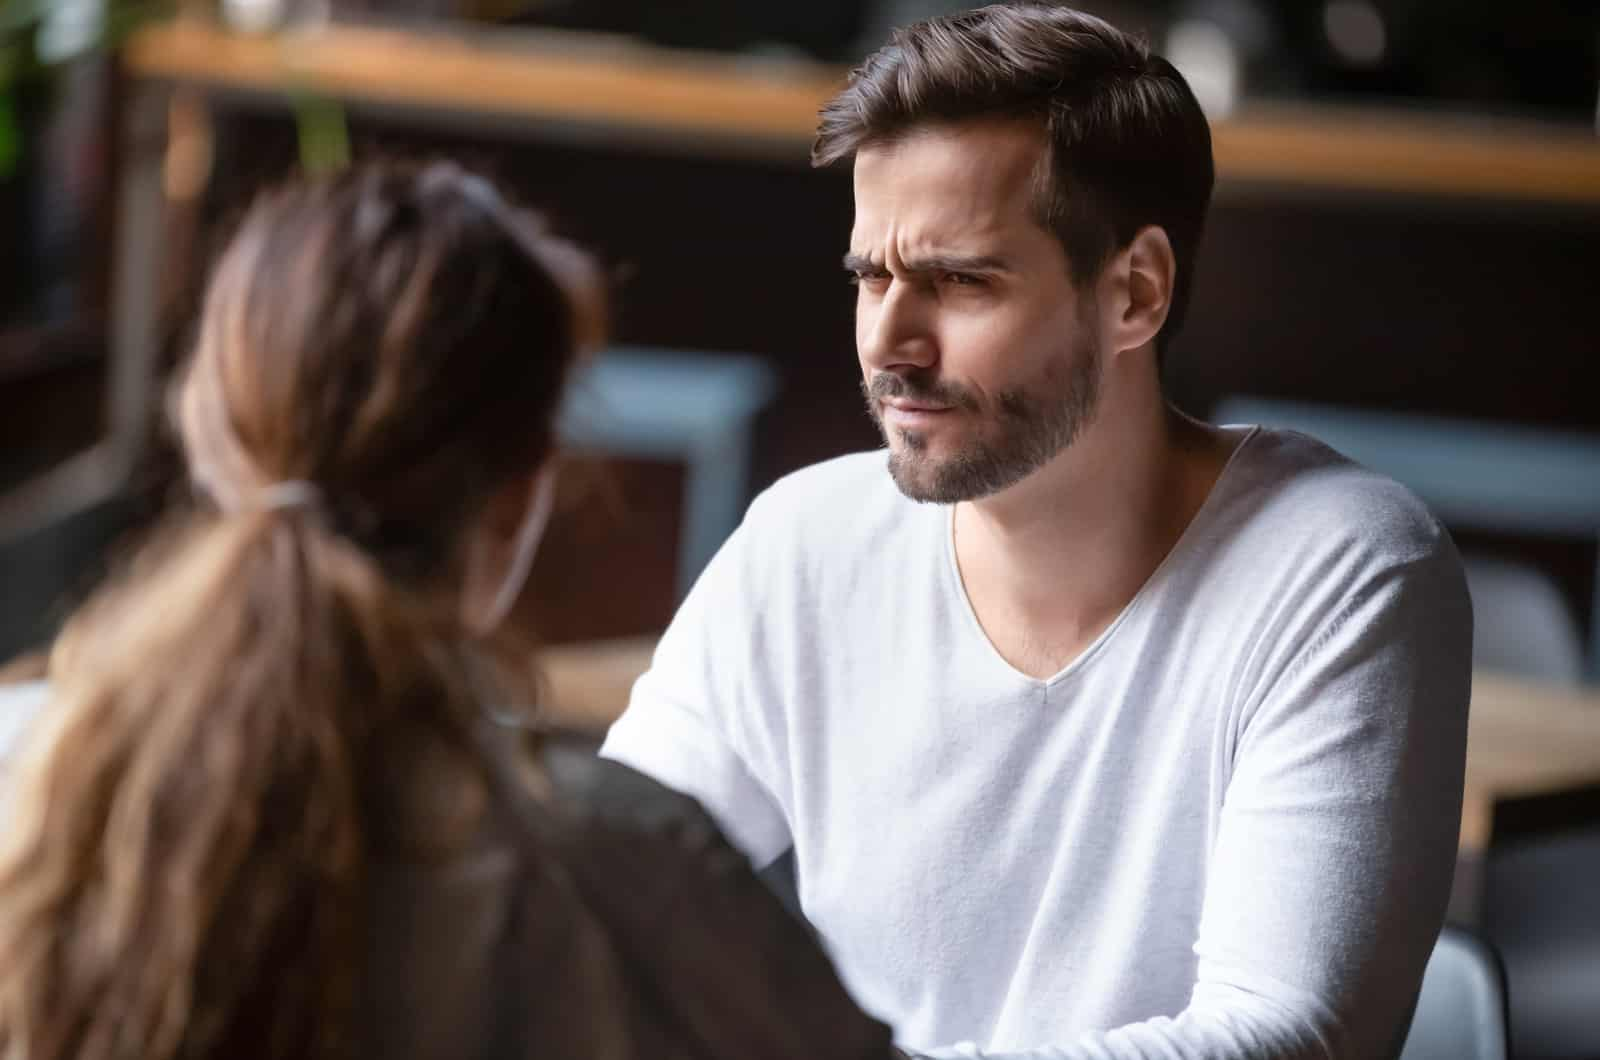 unglückliches Paar während eines Streits